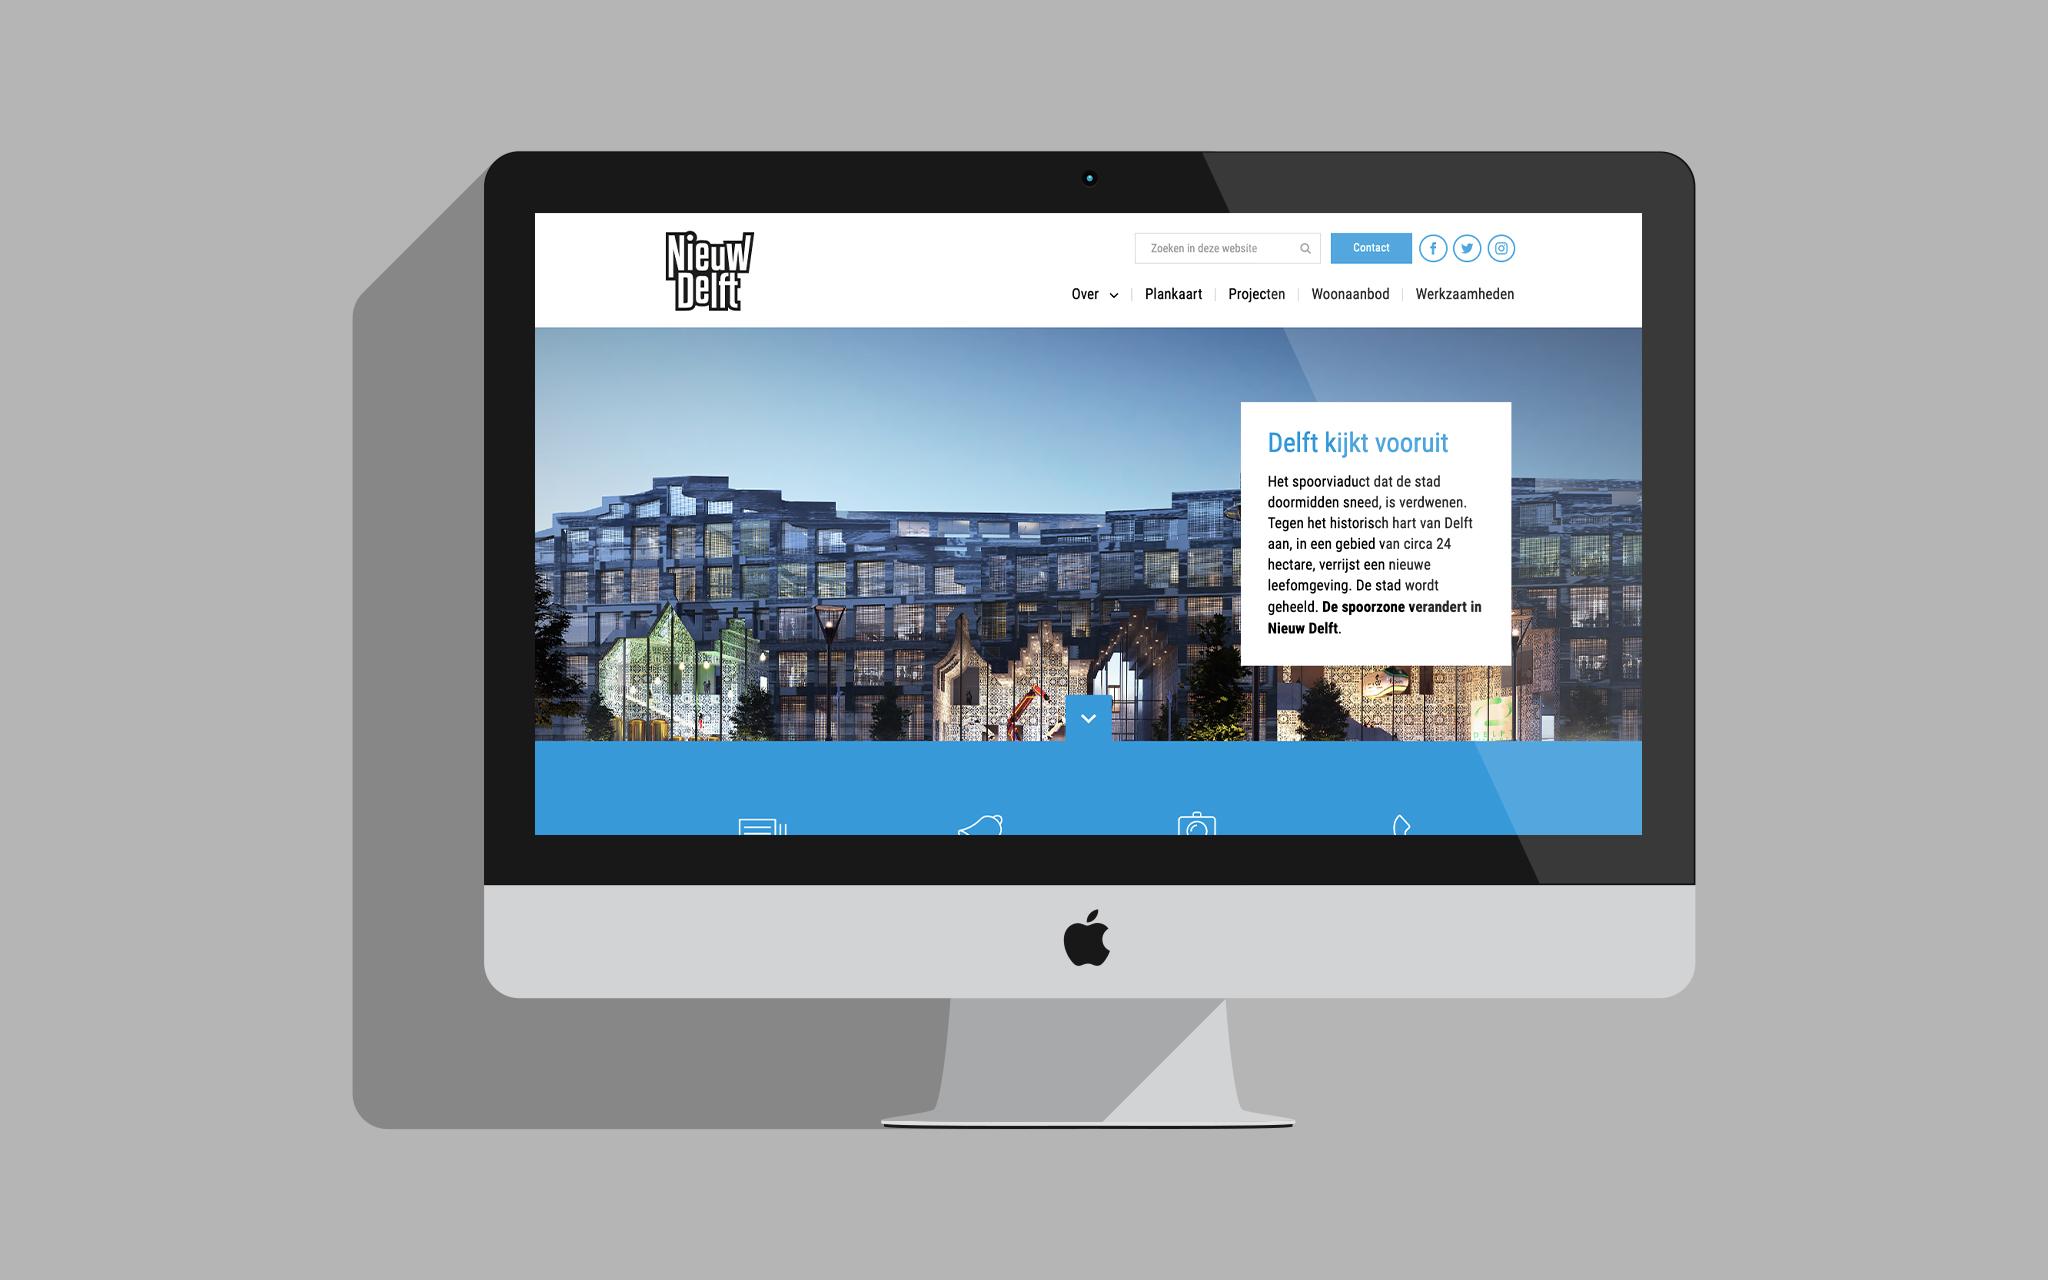 Nieuw Delft website in mockup